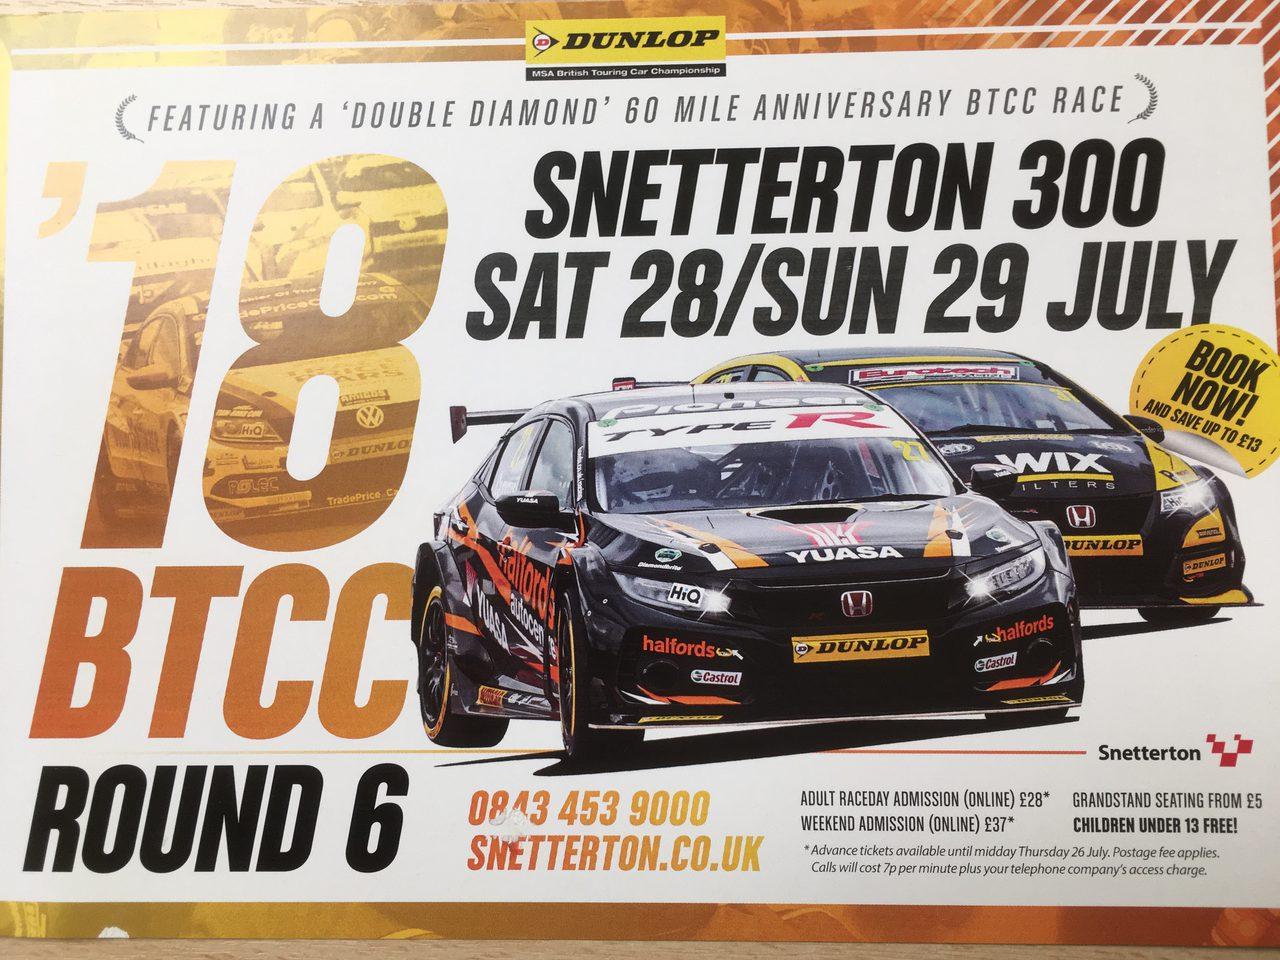 Snetterton 300 2018